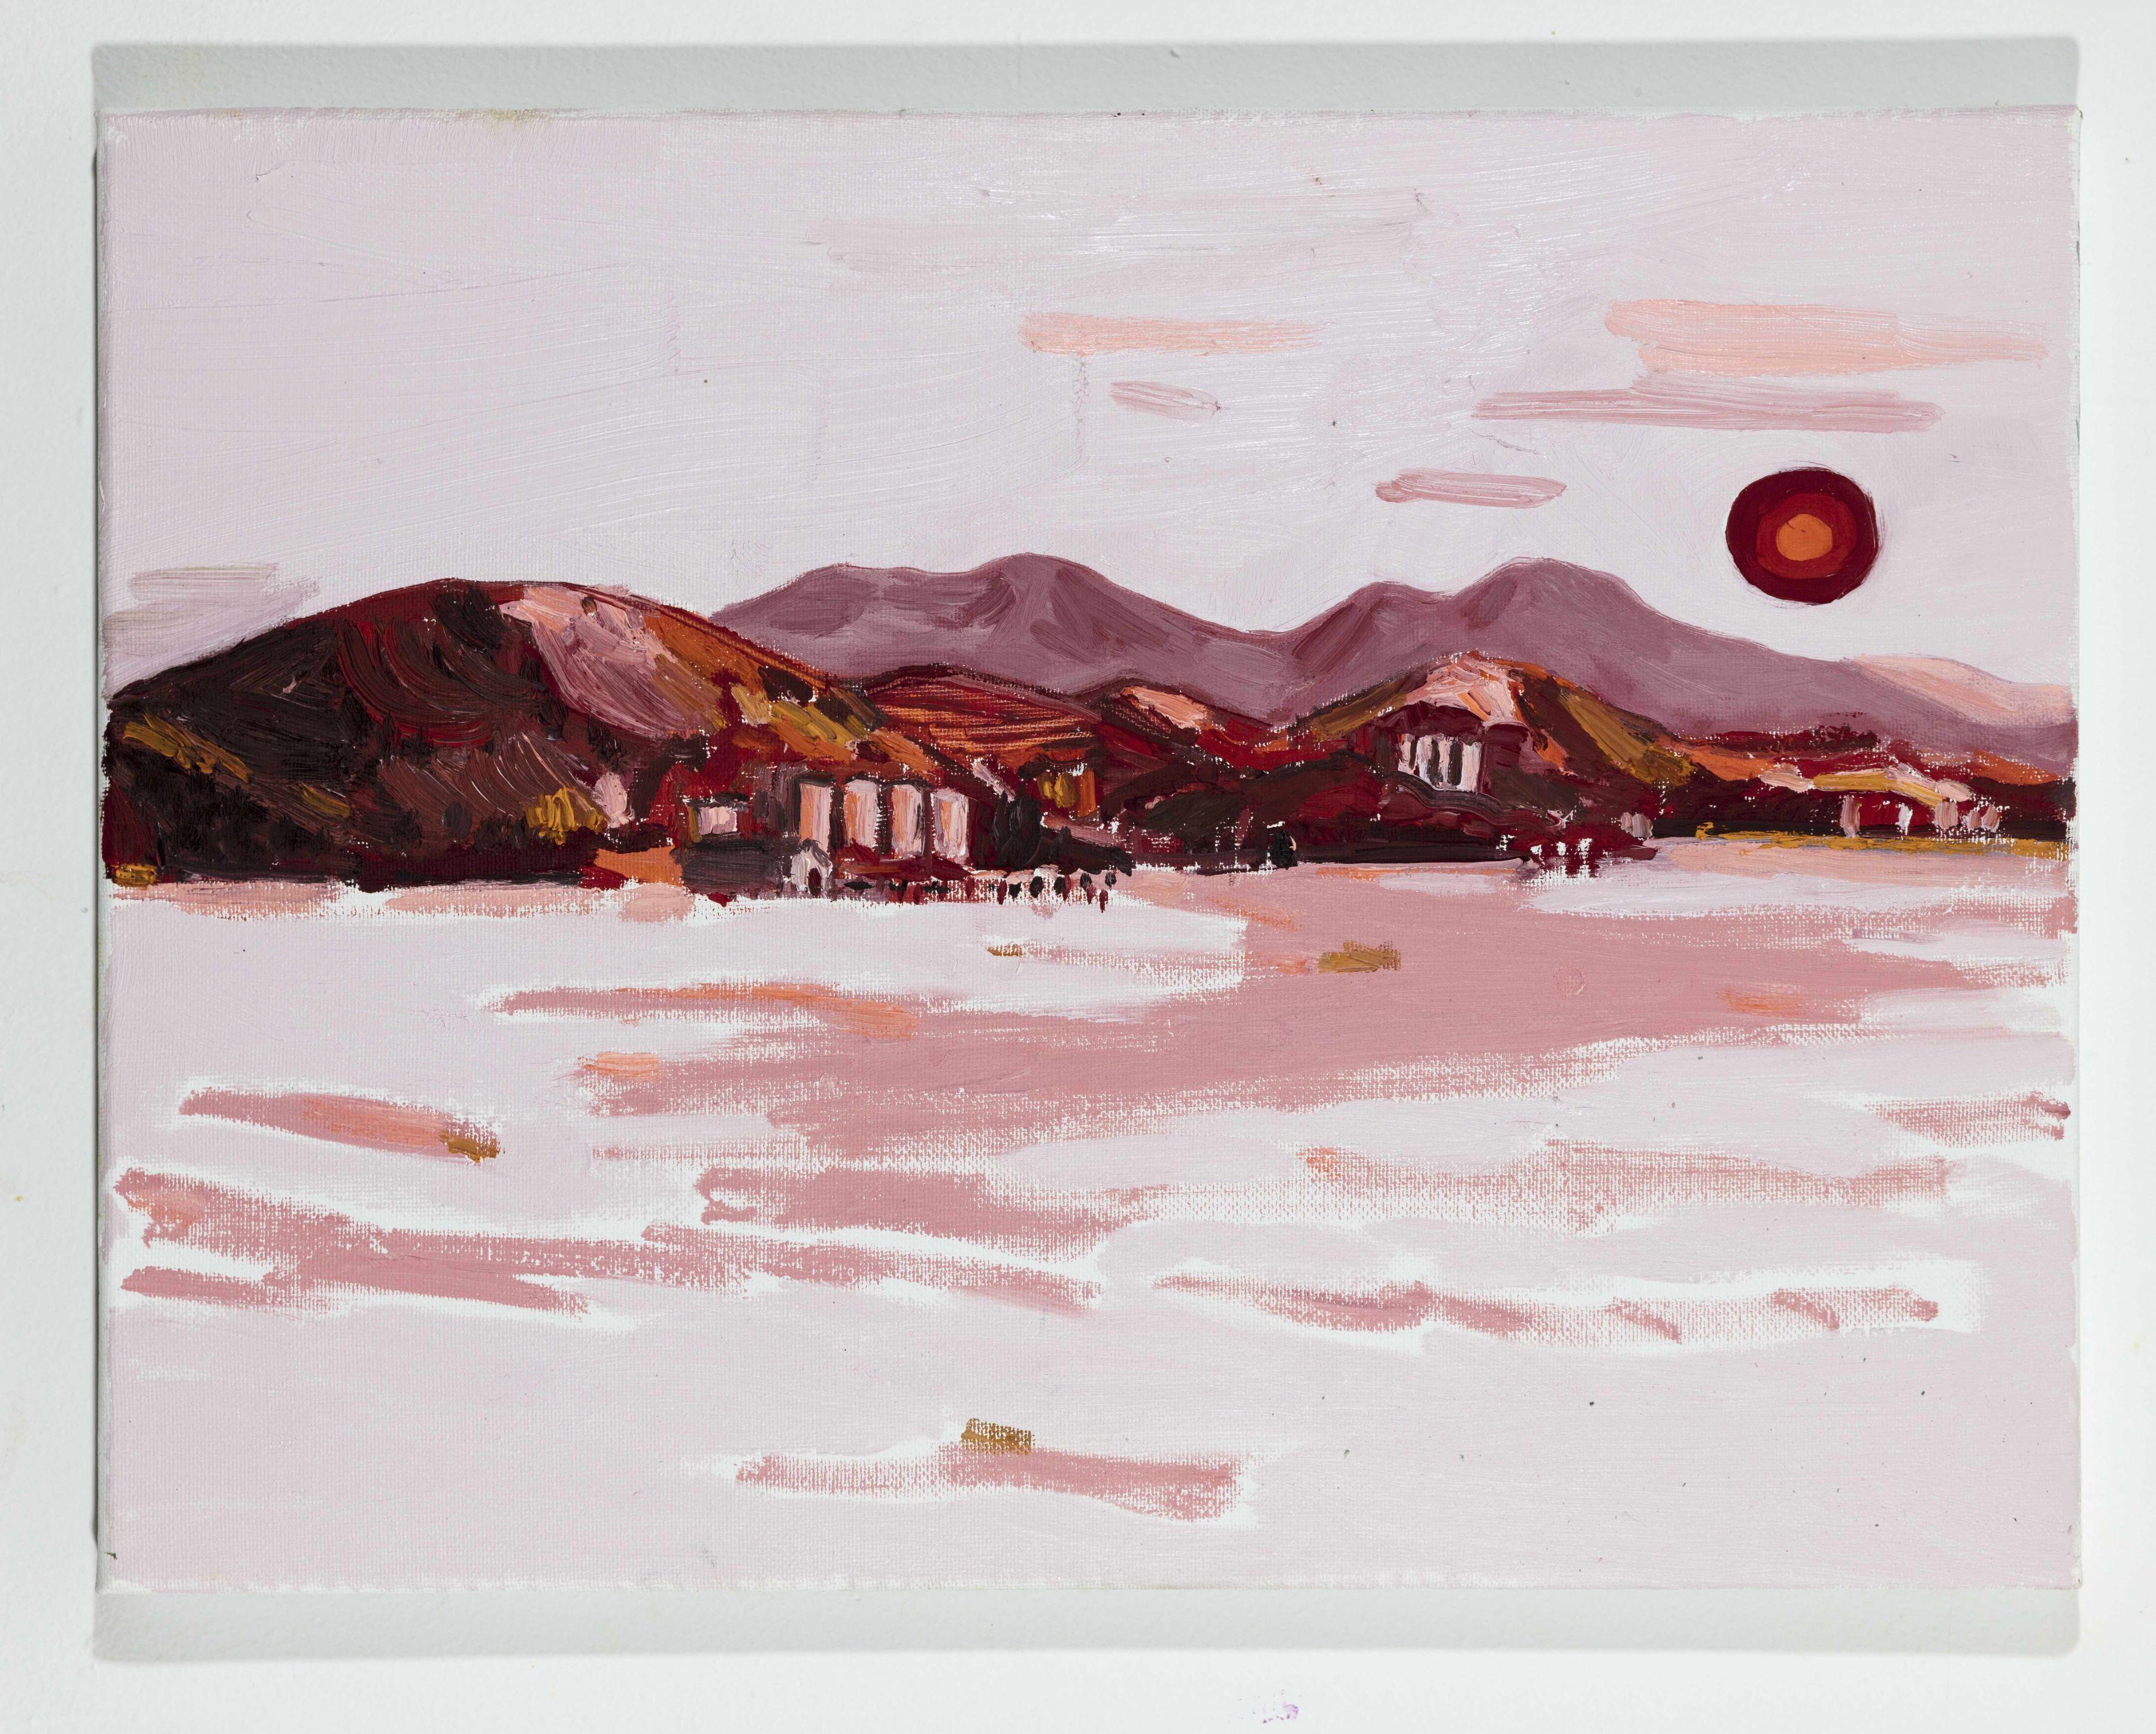 LISA SANDITZ, Landscape Color Study 6, 2019